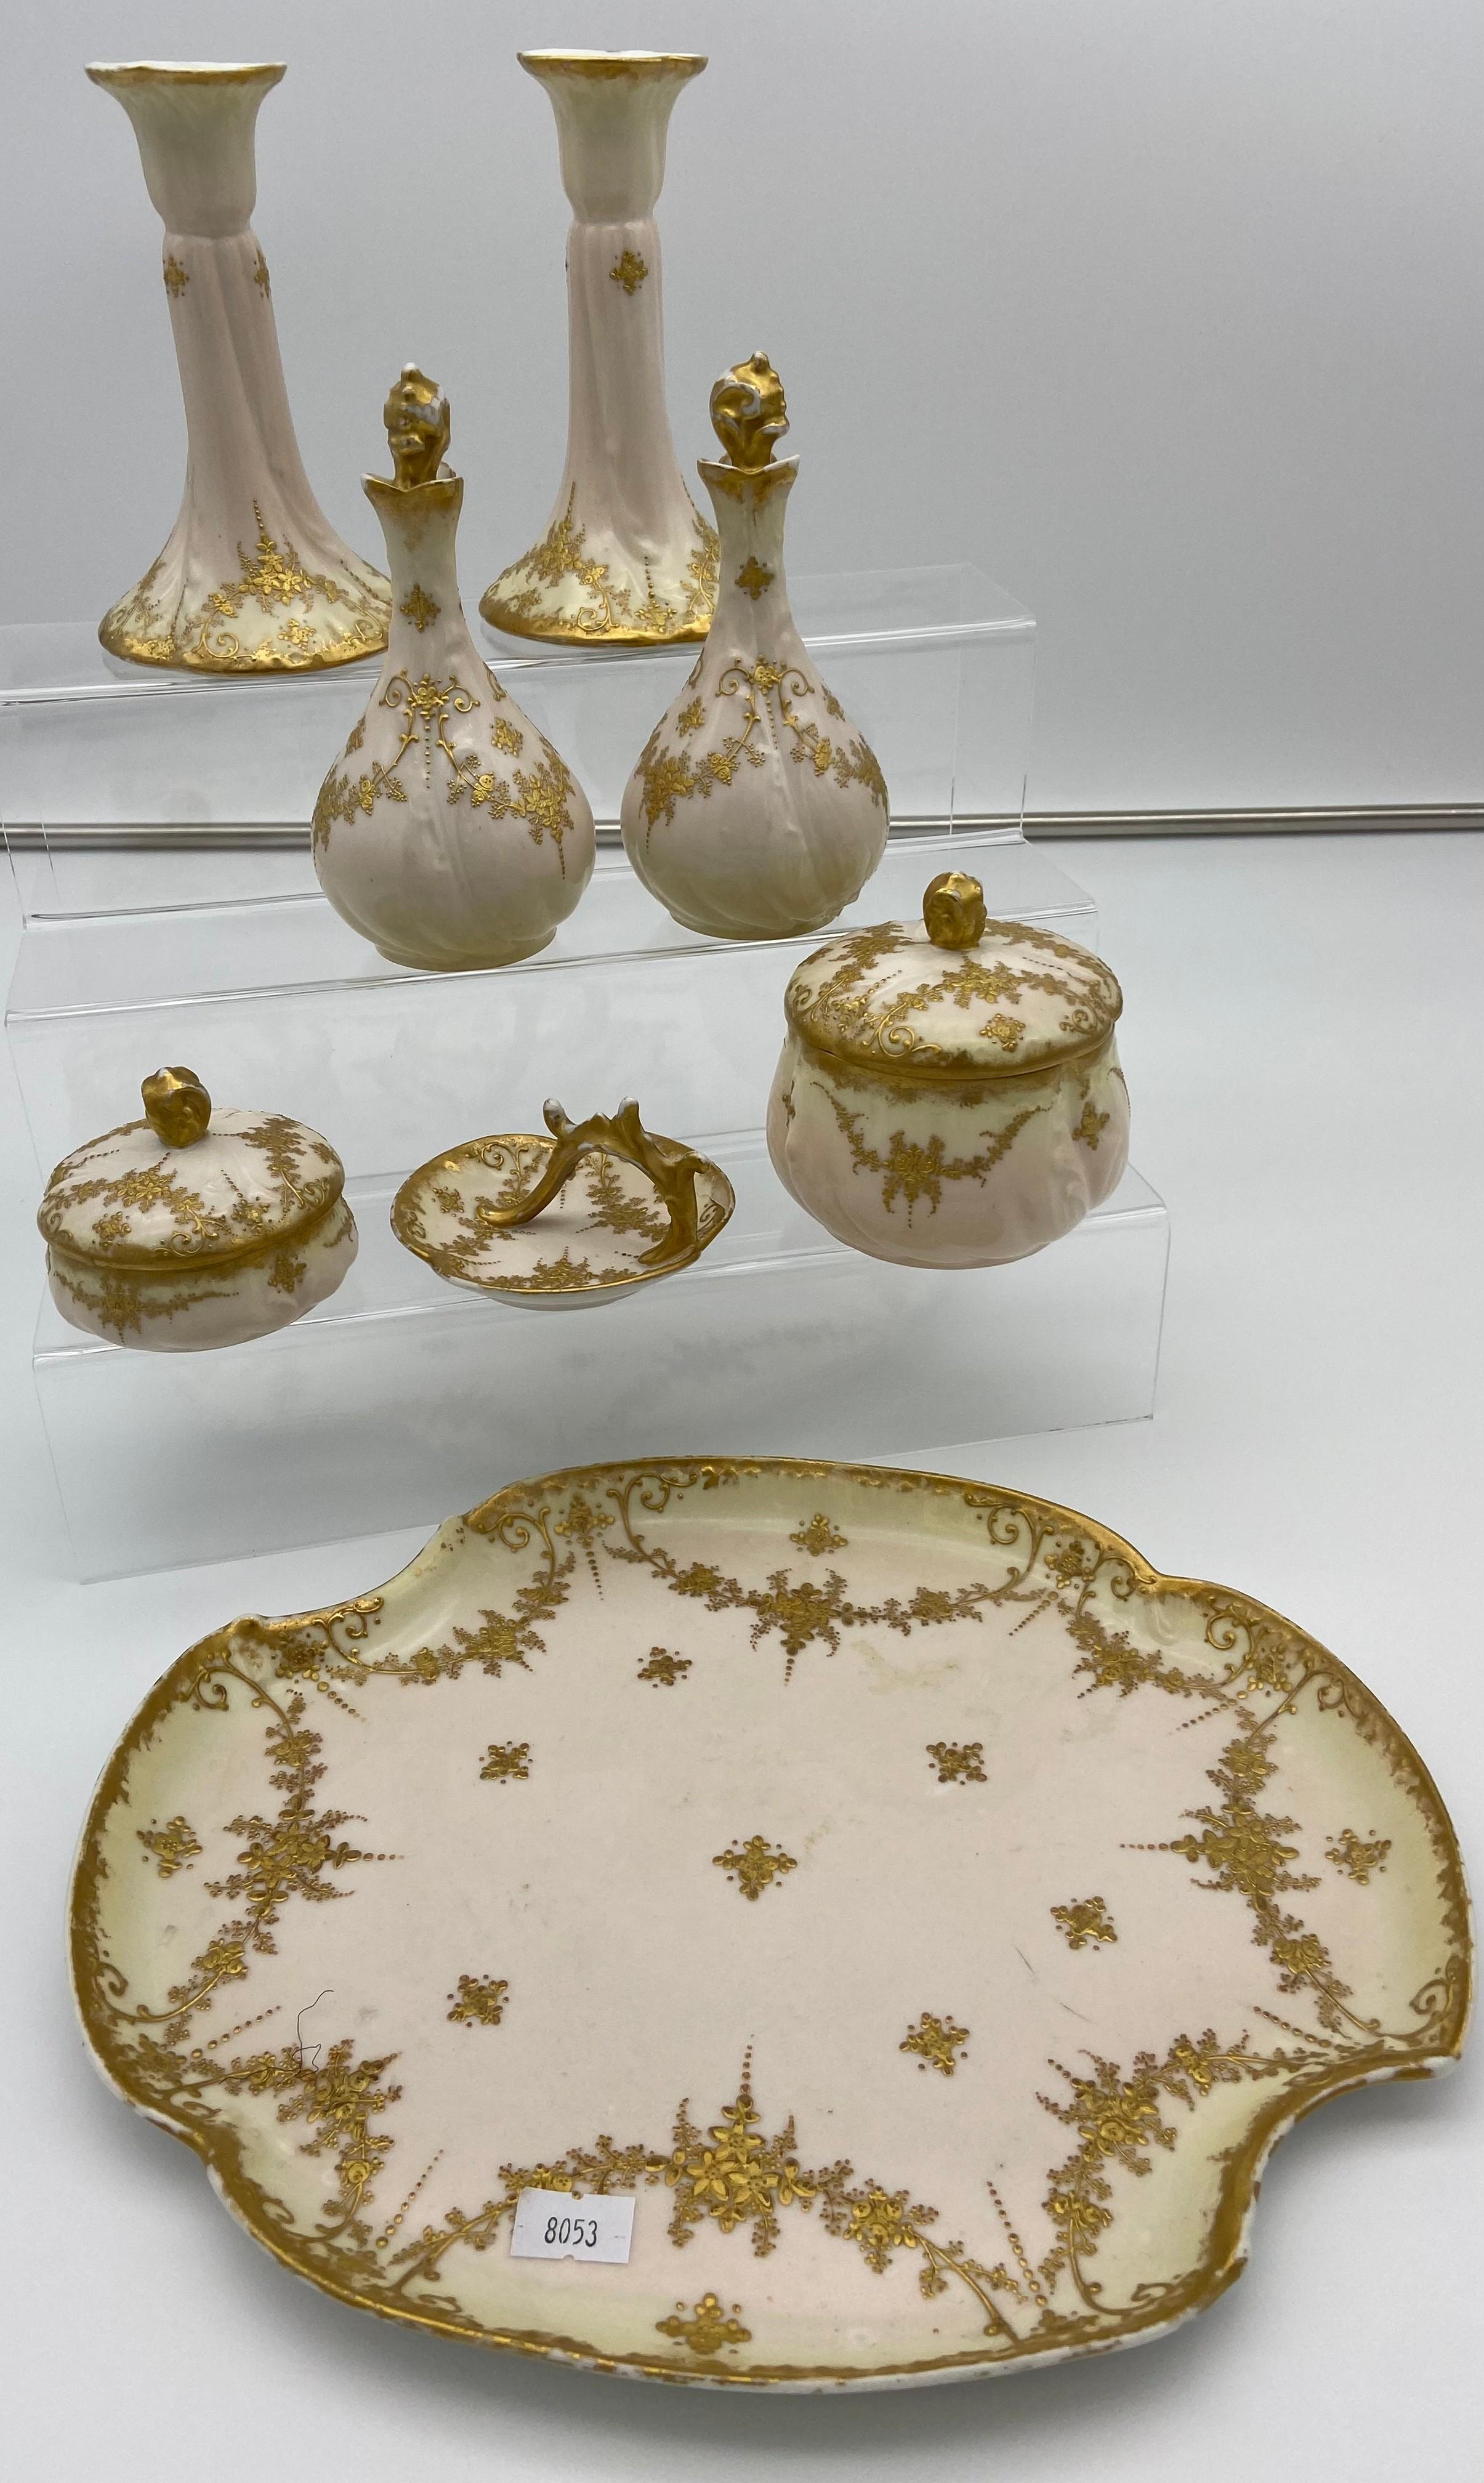 A Vintage French M Redon Limoges porcelain dressing table set.